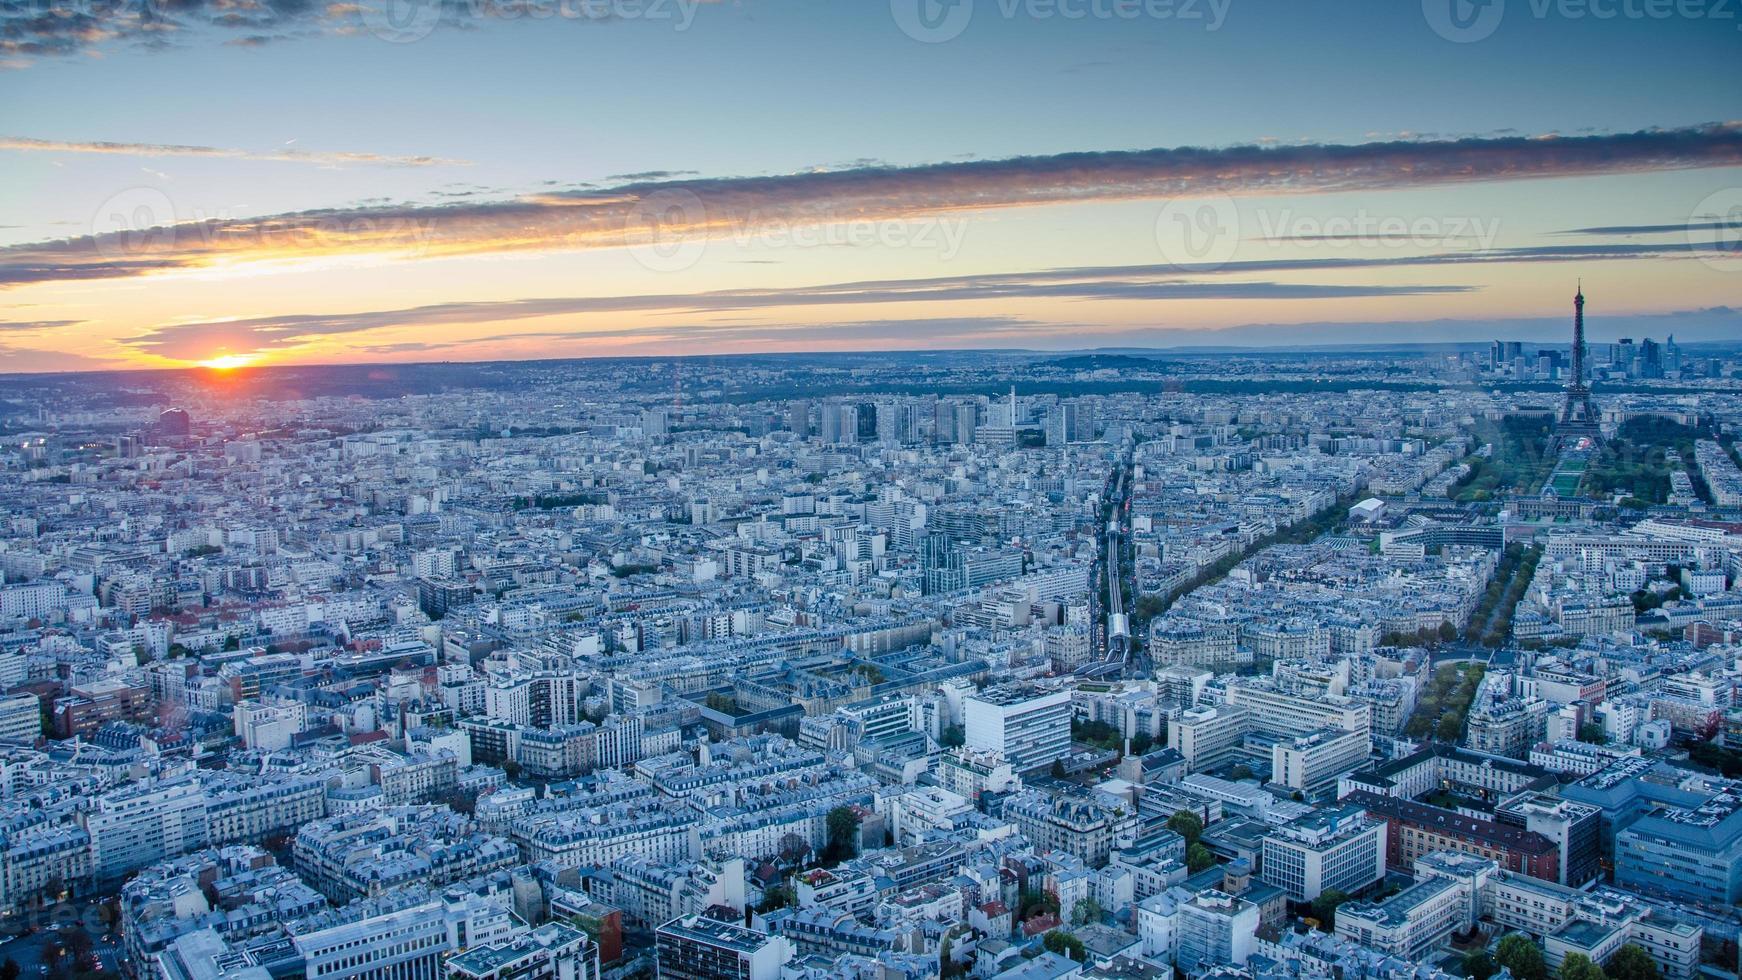 aeriel vista de paris ao pôr do sol foto